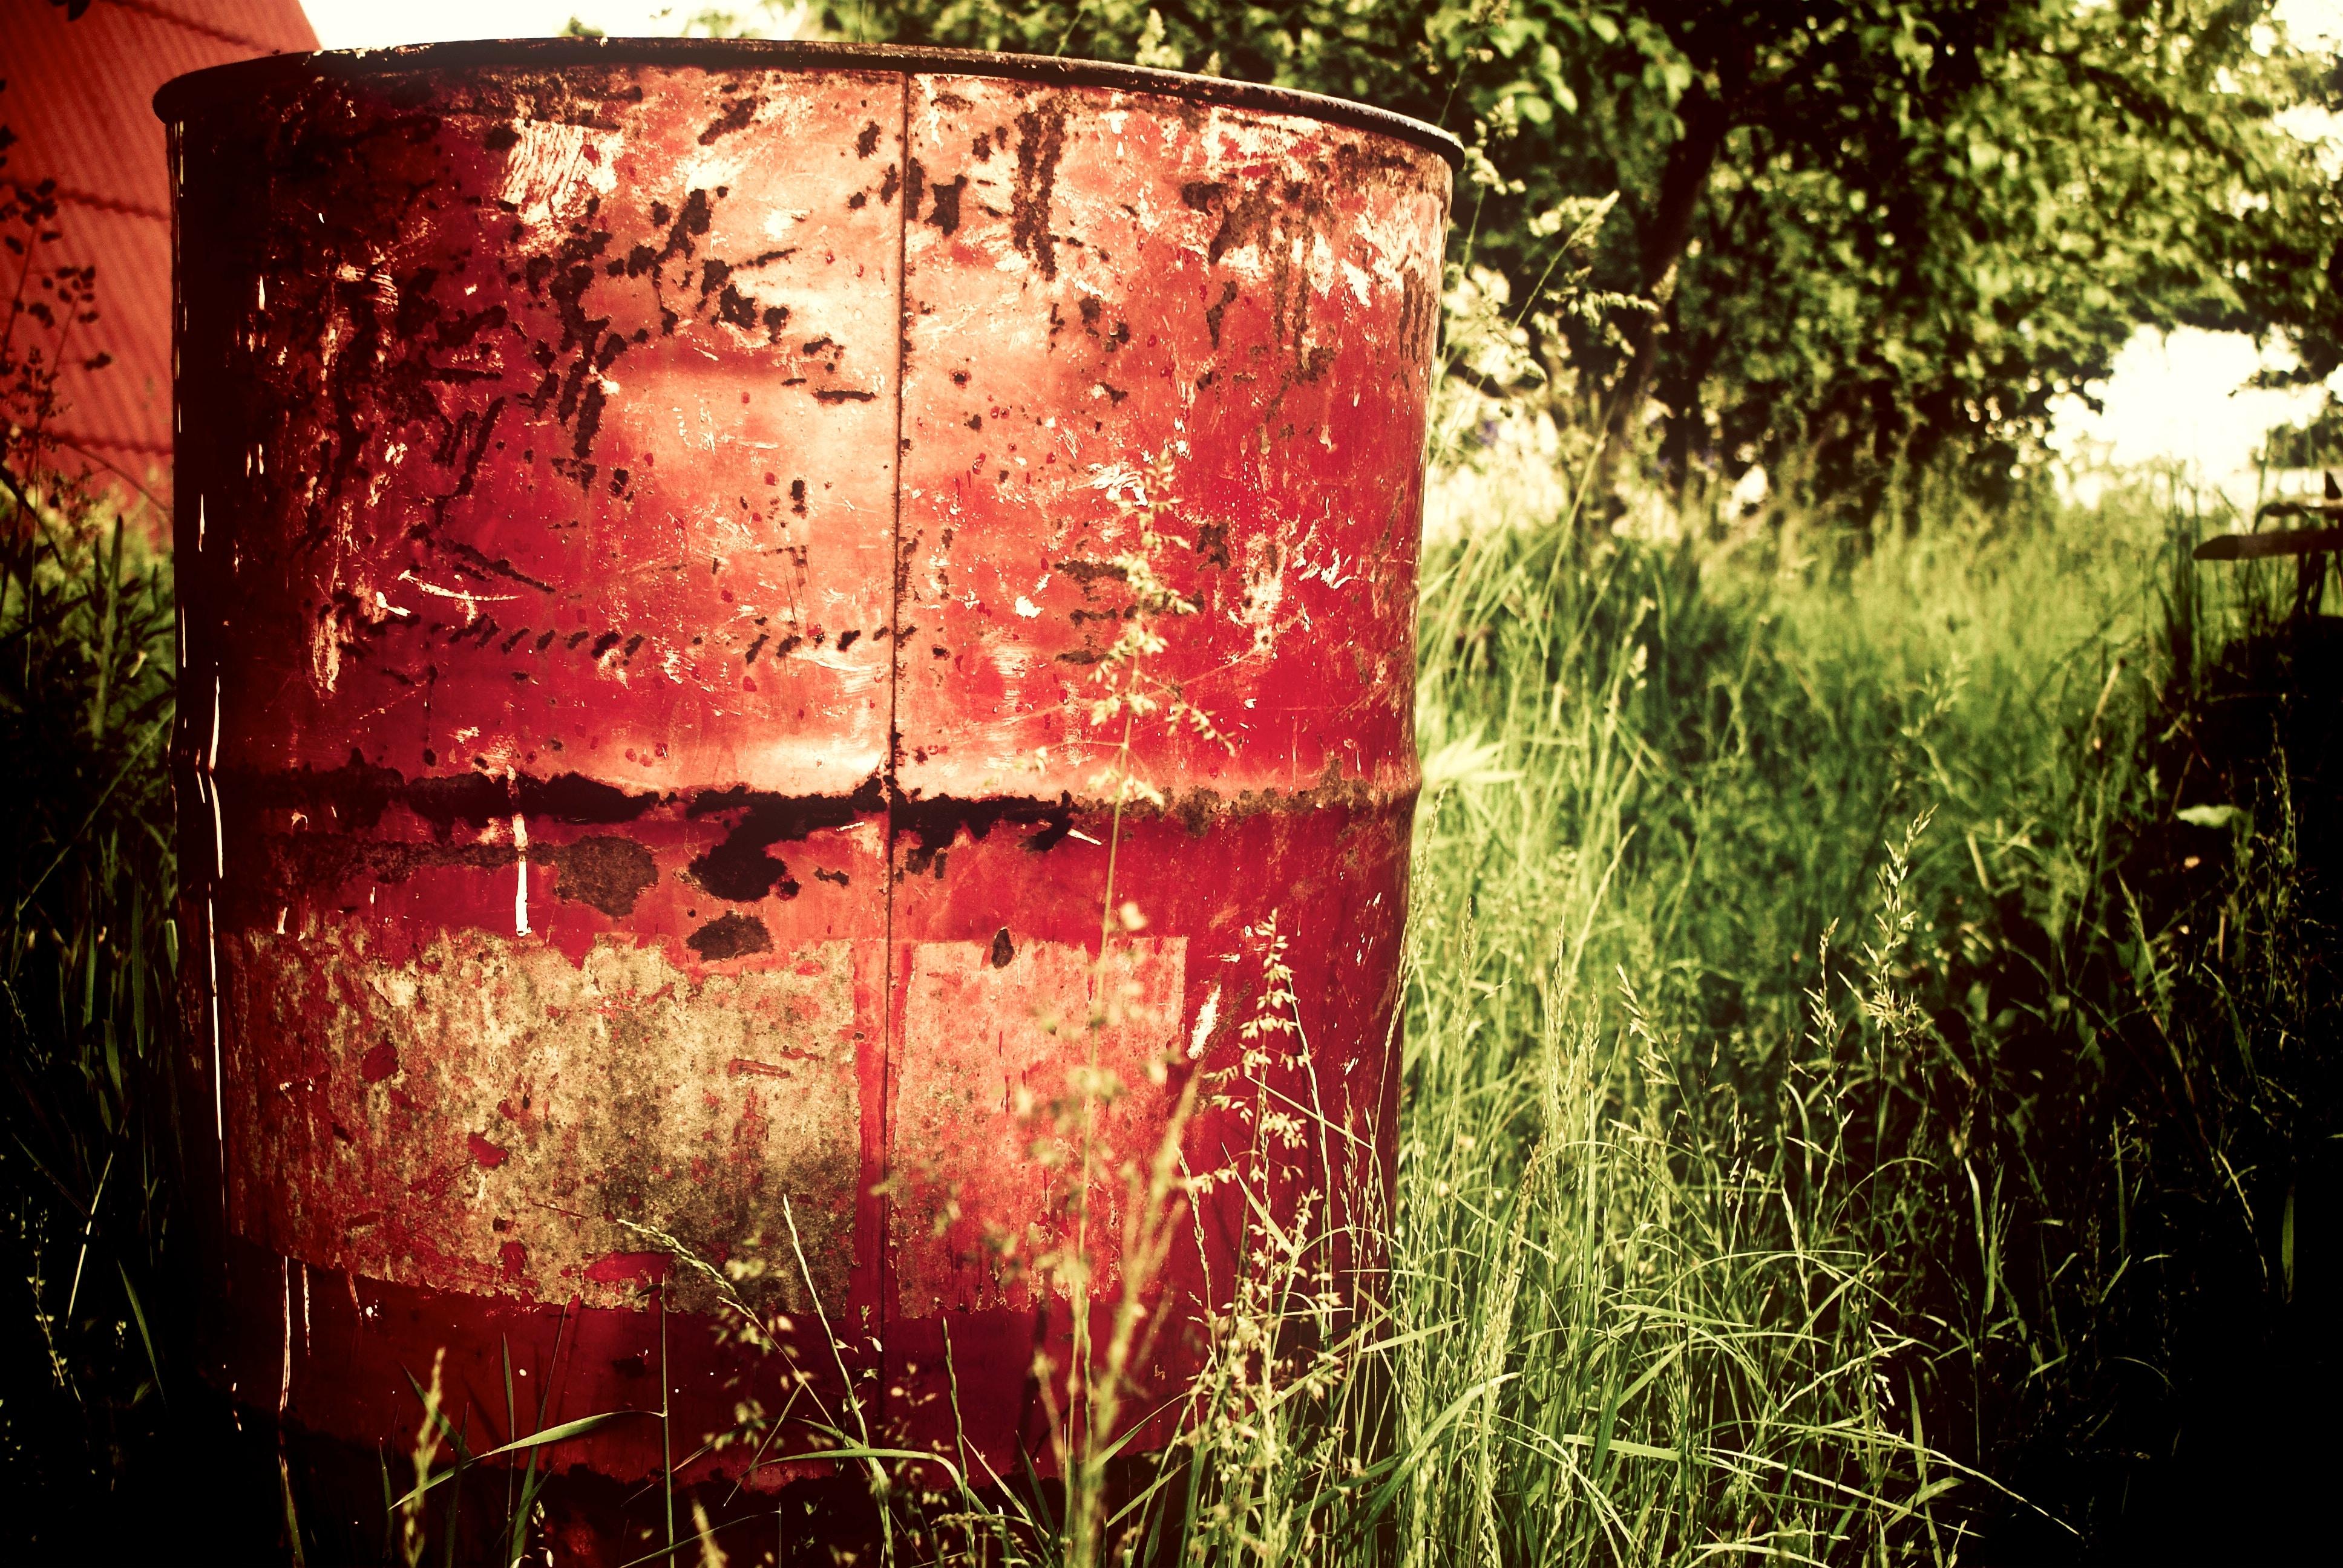 brown metal barrel on grass field